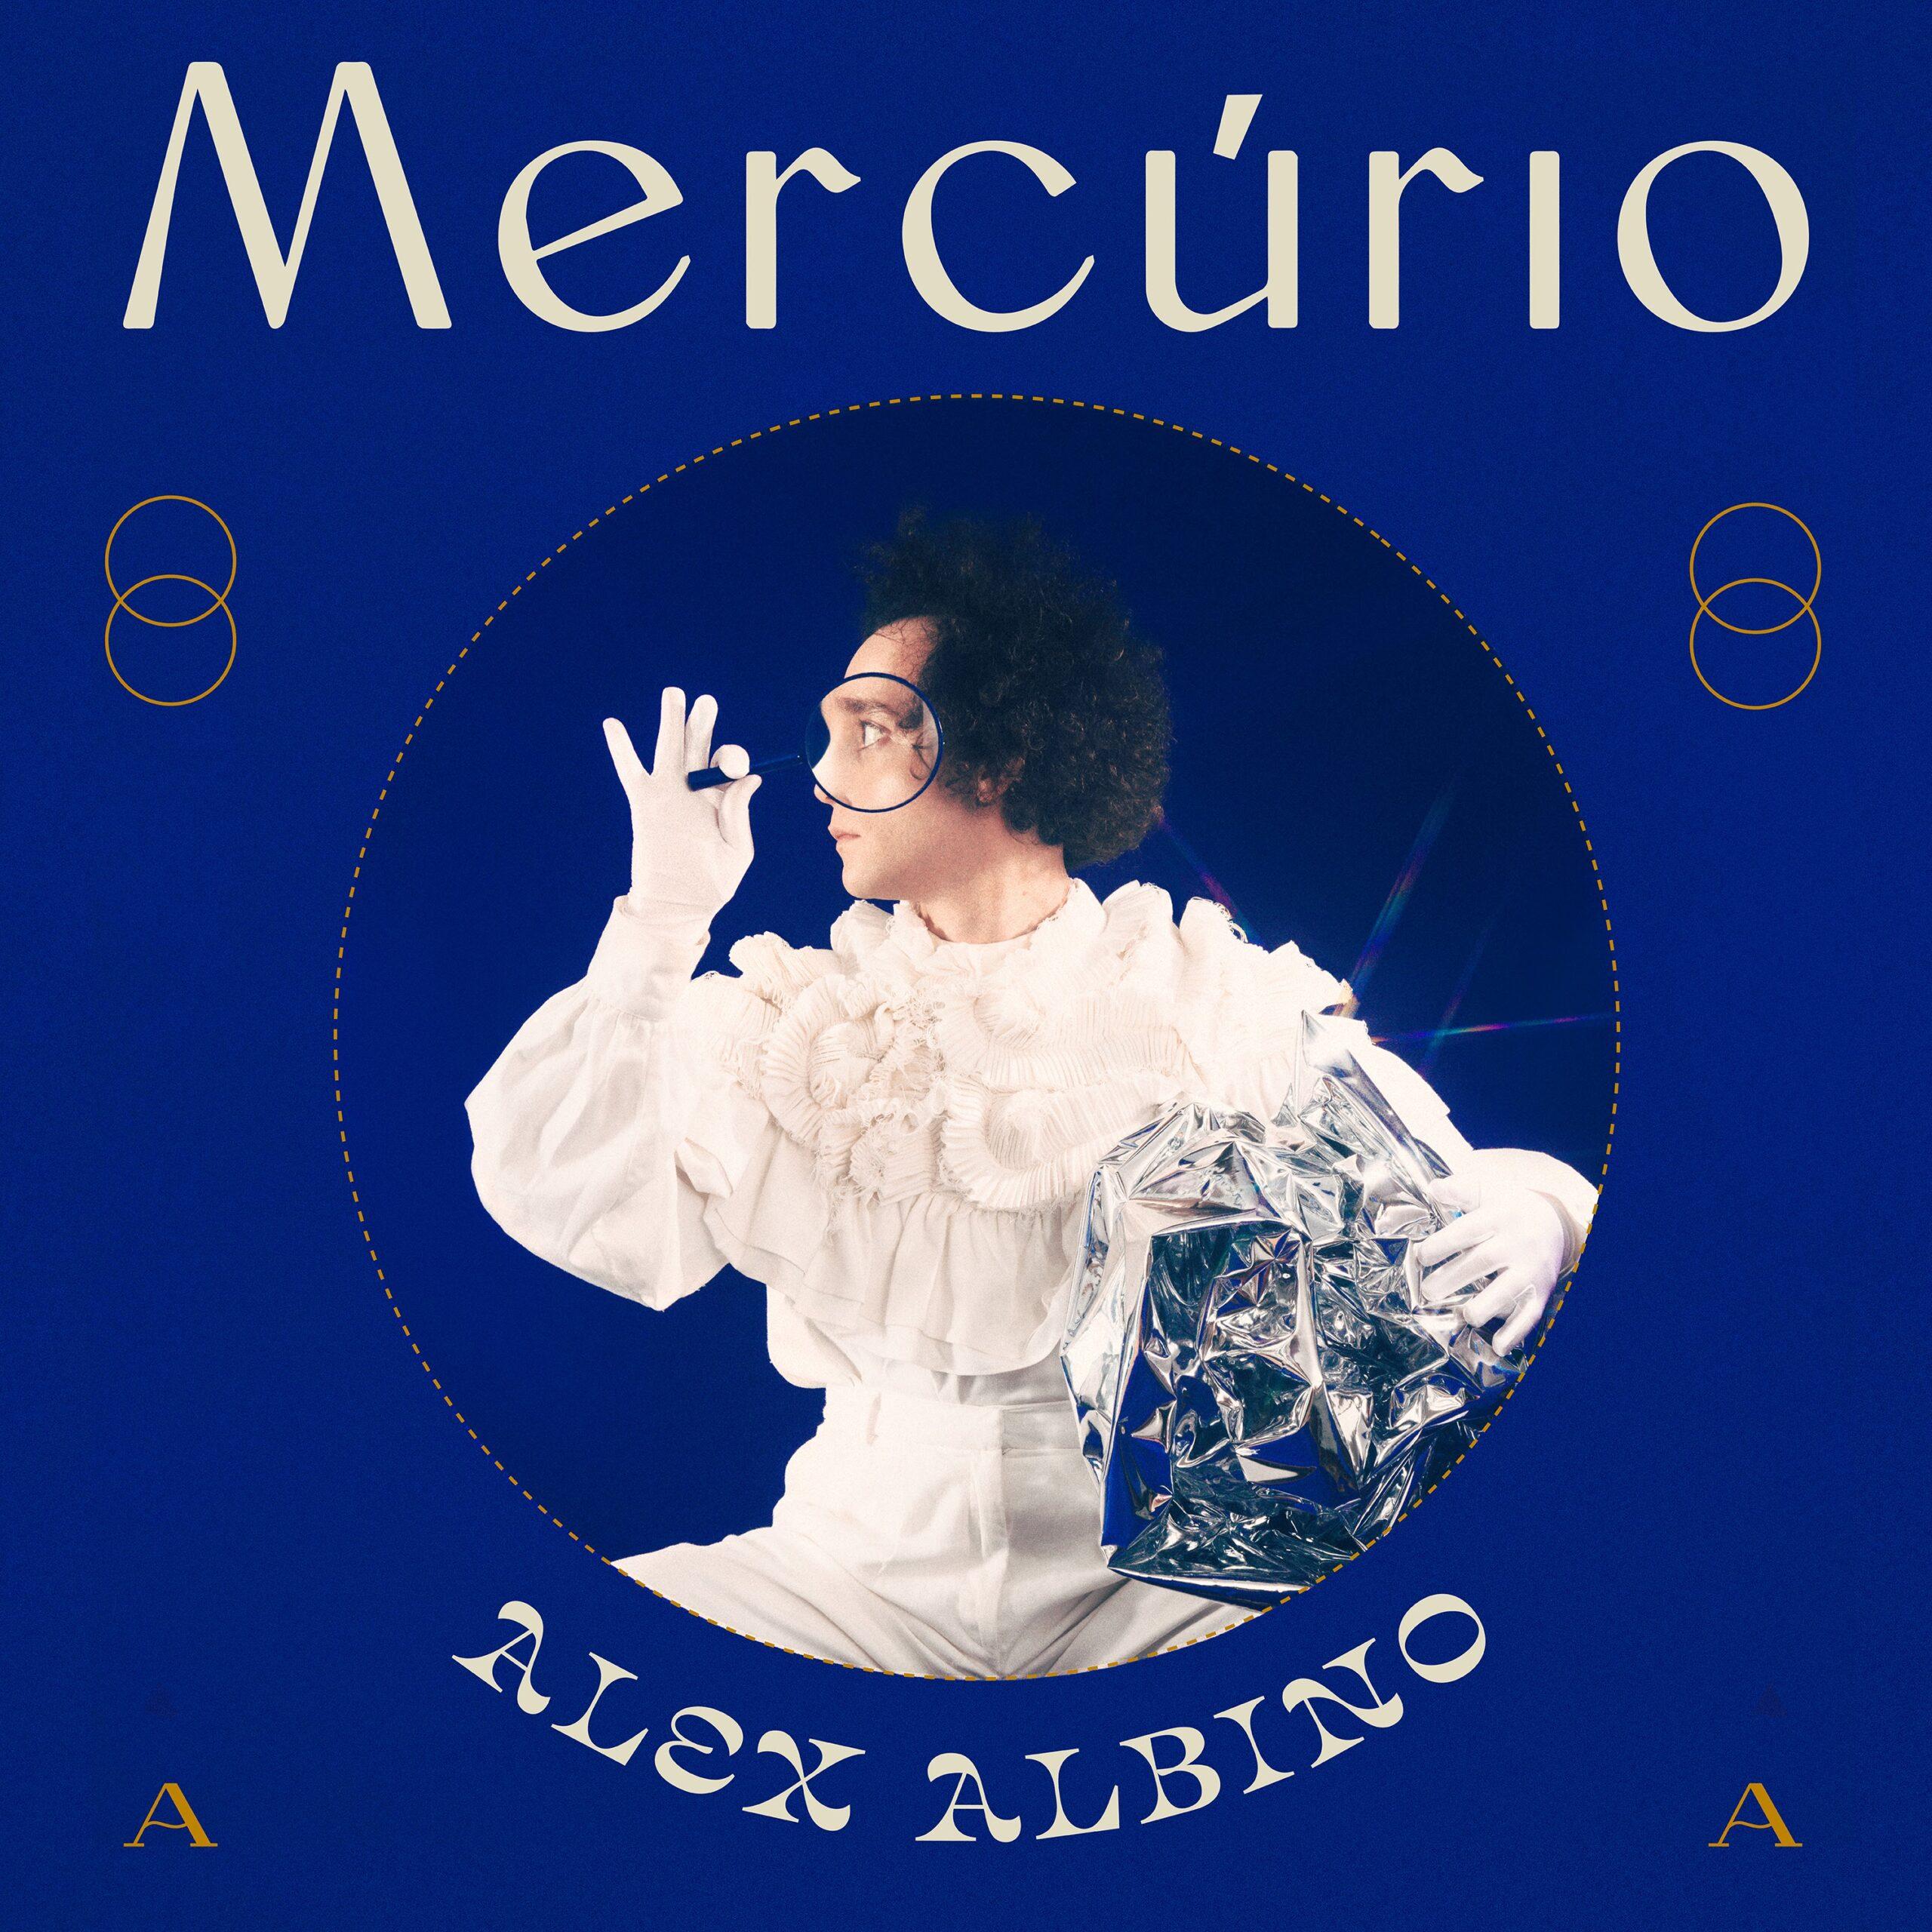 Gravado no estúdio de Boys & Girls do Alabama Shakes, Alex Albino lança EP de estreia Mercúrio